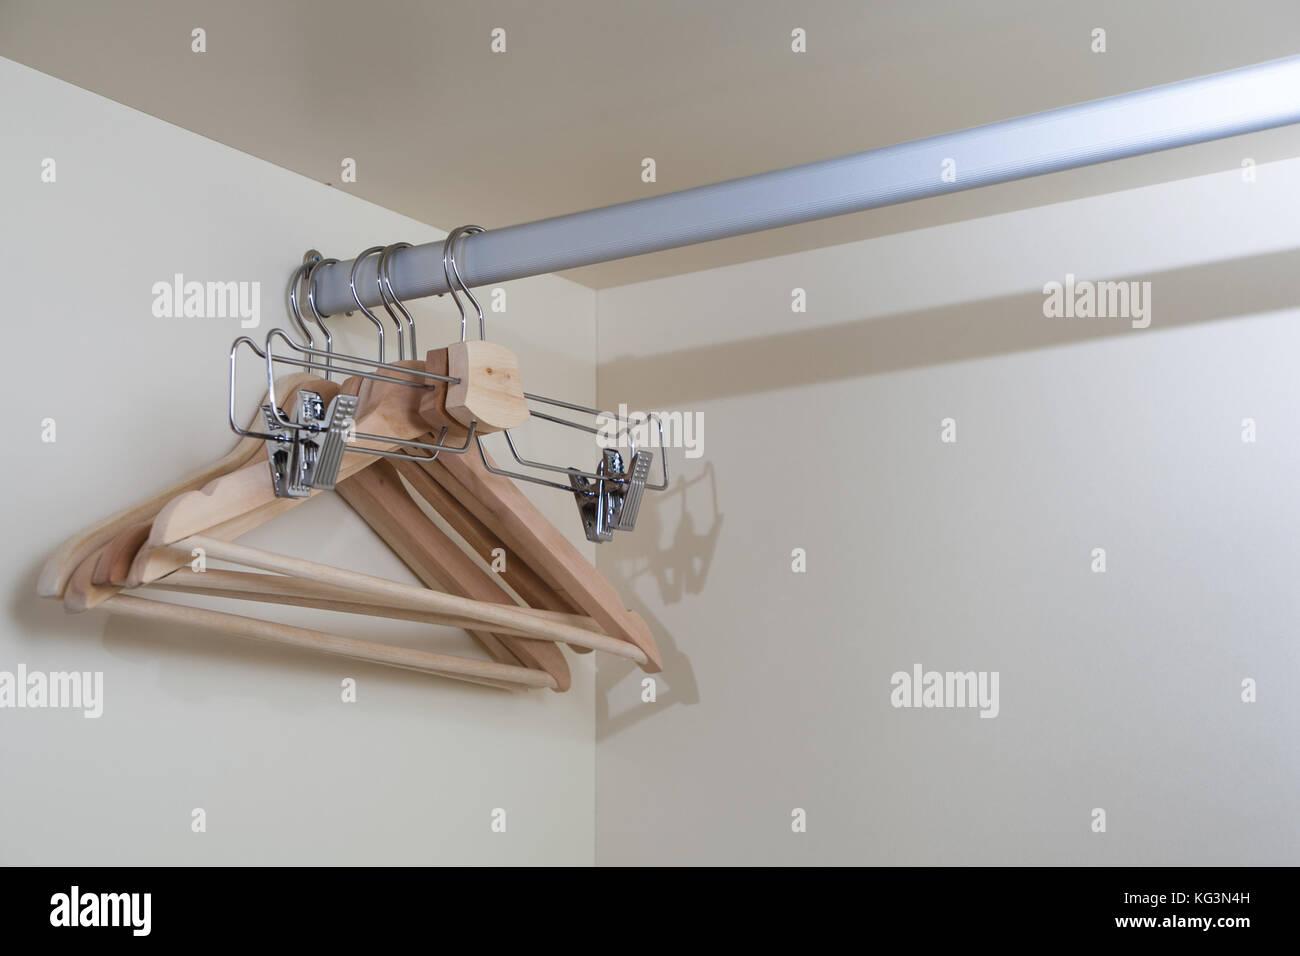 kleidung aufbewahren amazing baumwolle leinen wschekorb barrel falten kleidung spielzeug bin. Black Bedroom Furniture Sets. Home Design Ideas